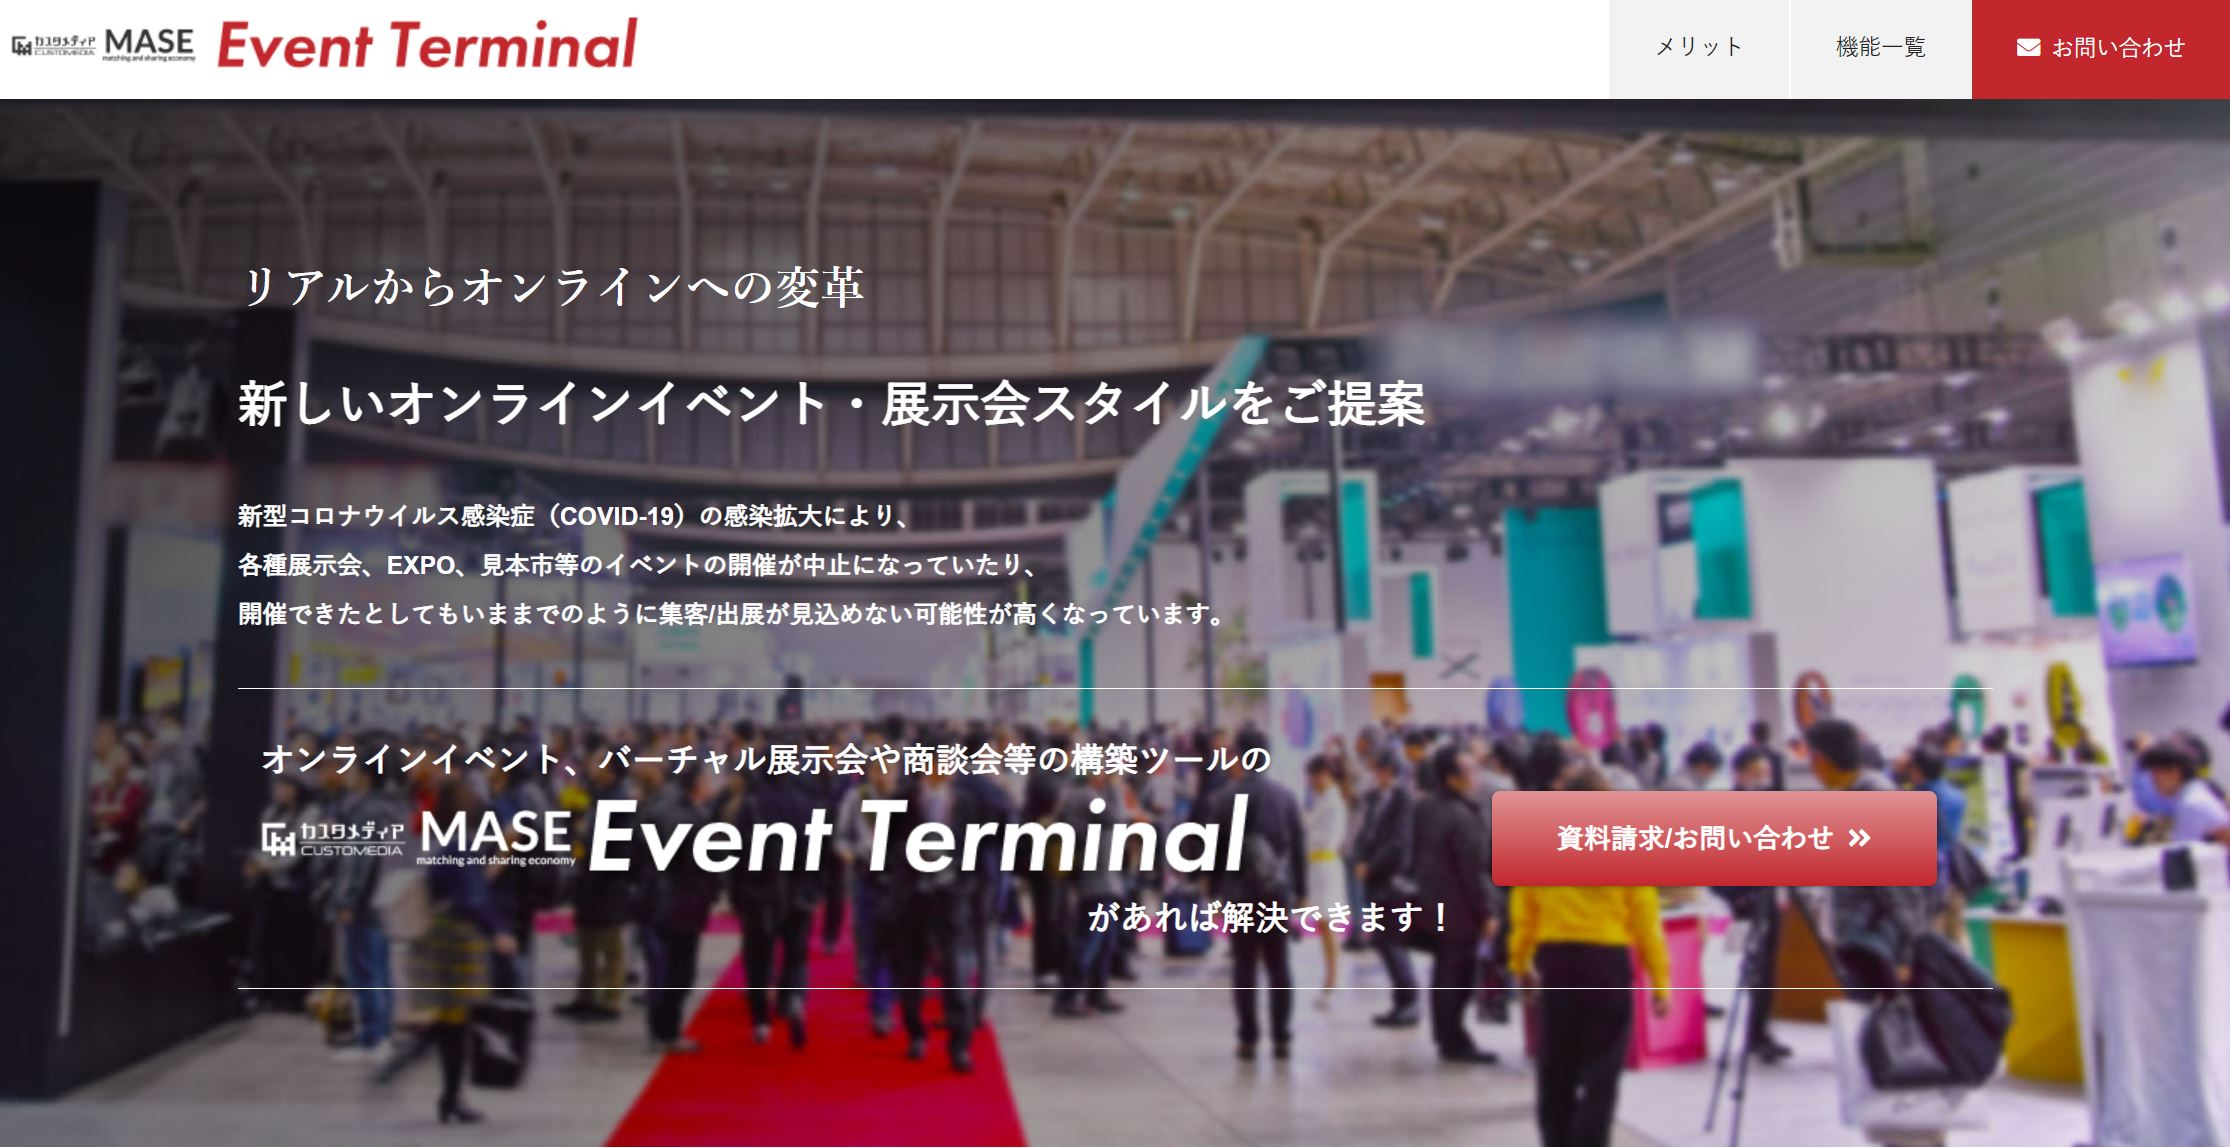 Event Terminal